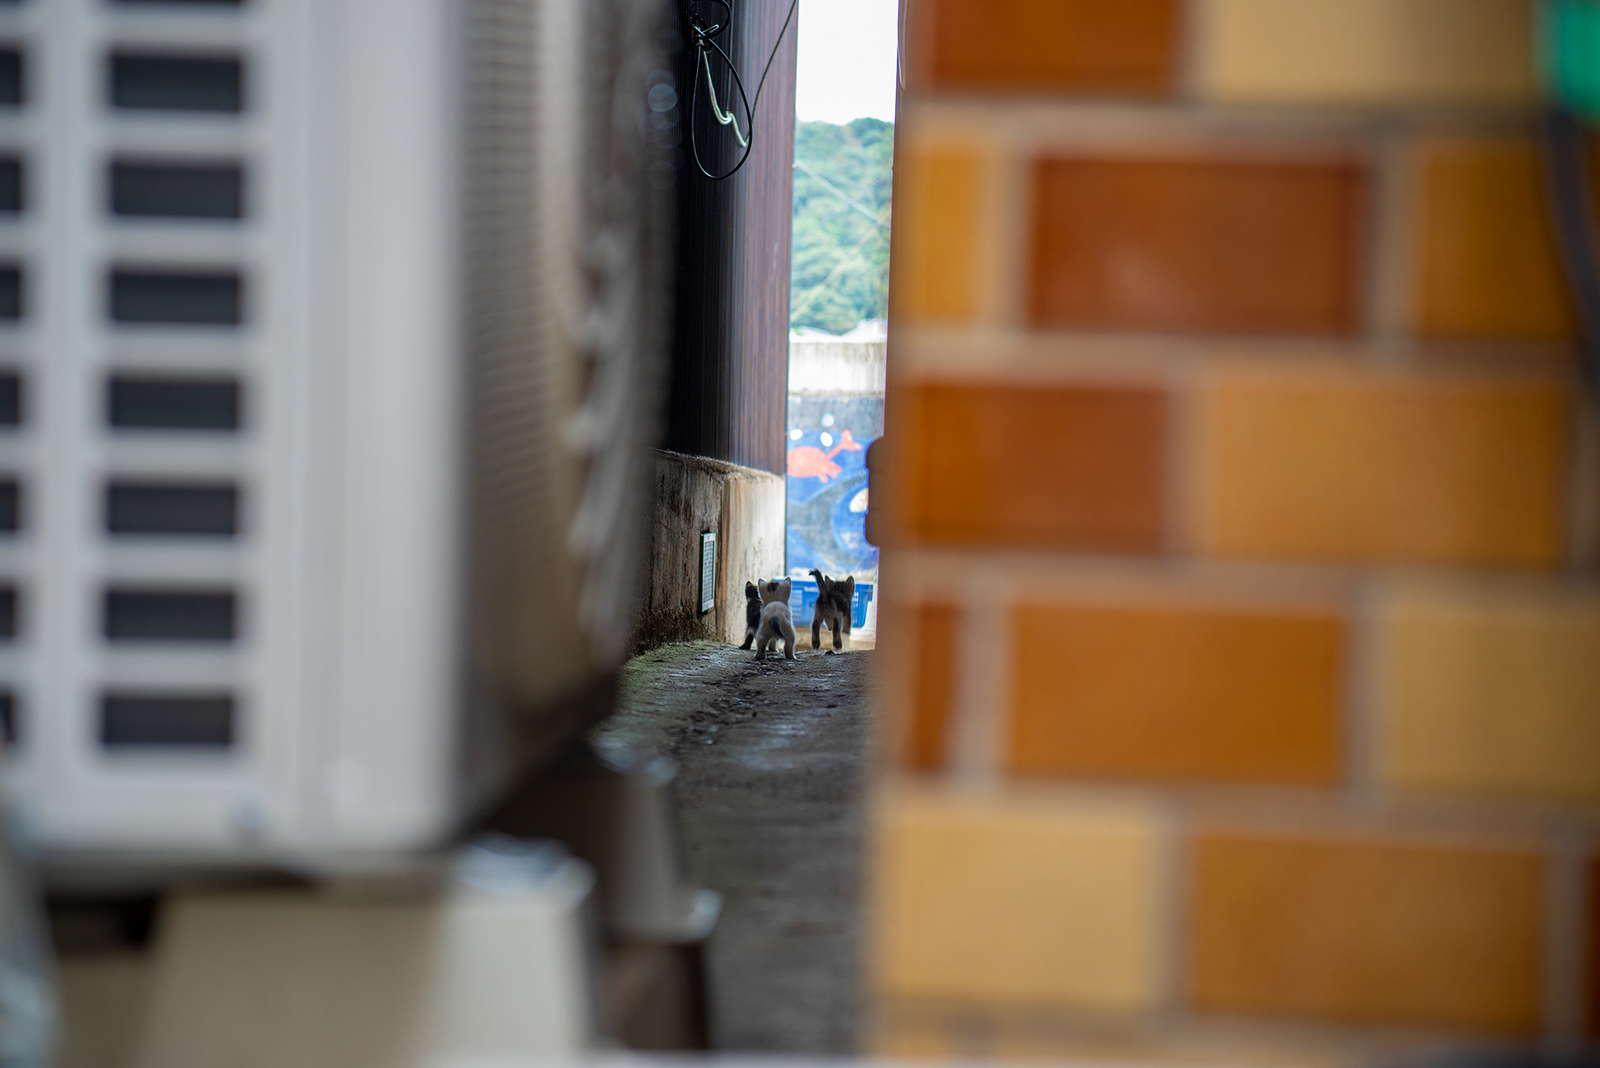 攝影師捕捉日本小巷內的貓咪蹤跡 – 珈琲成影 – 空間攝影   住宅攝影   商業攝影   室內設計作品集